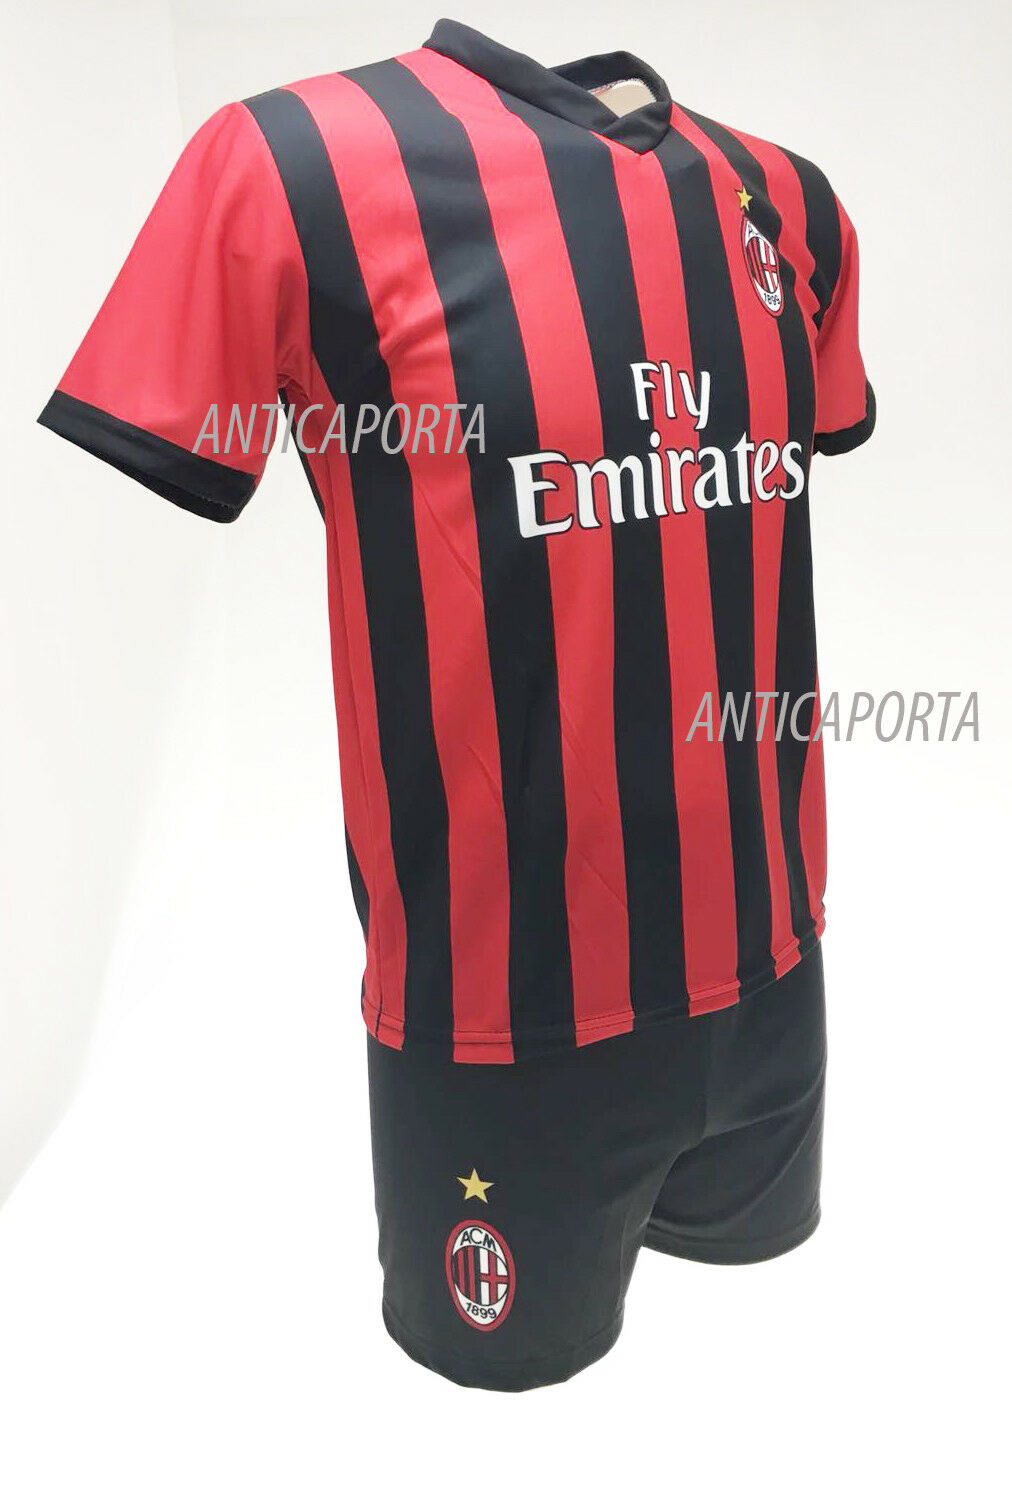 Completo Paquetá Milan 19 Oficial Camiseta Camiseta Camiseta Pantalones cortos 18 numero 39 6756fb